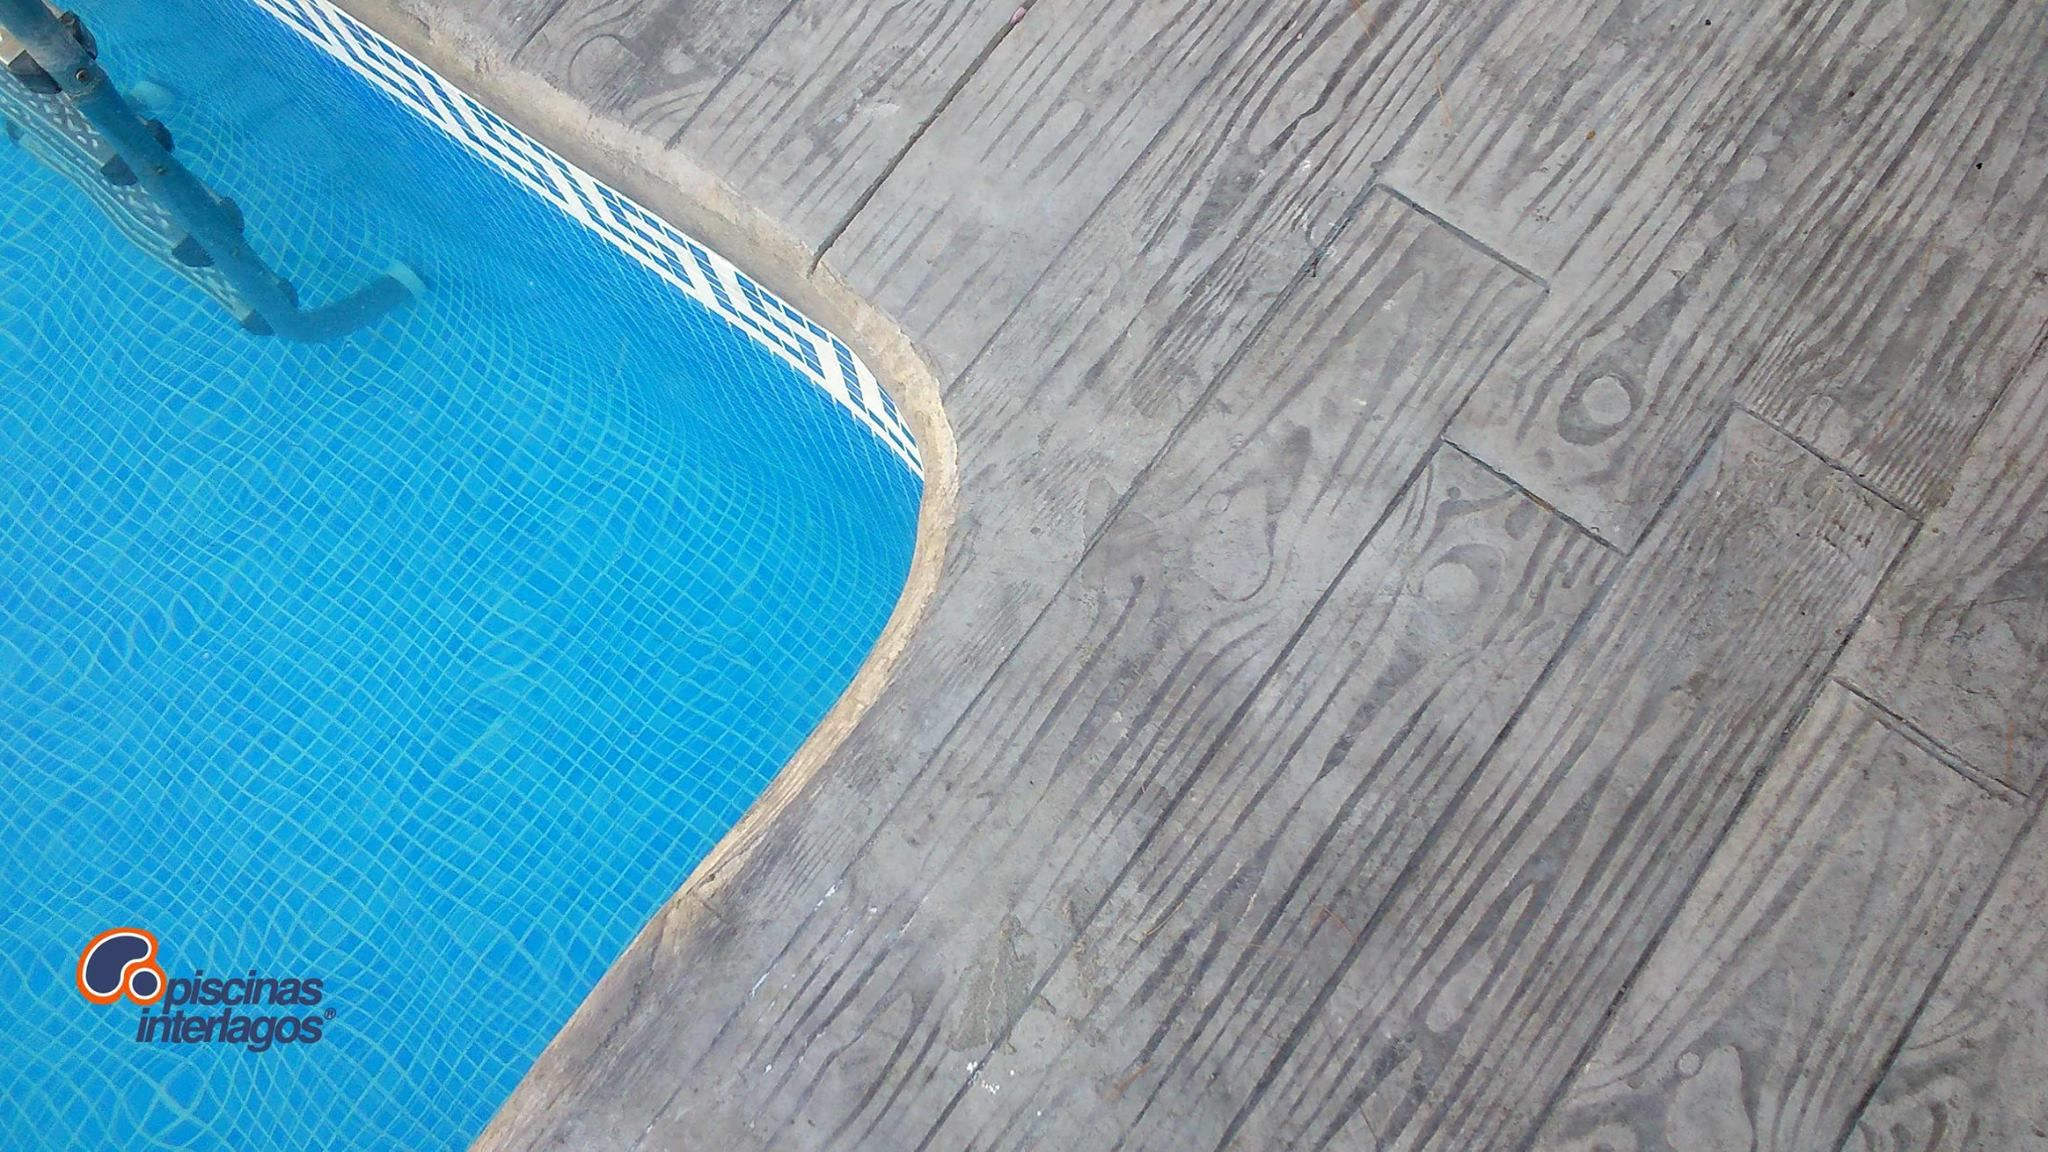 Detalle de madera impresa en el borde de la piscina for Coronacion de piscinas precios